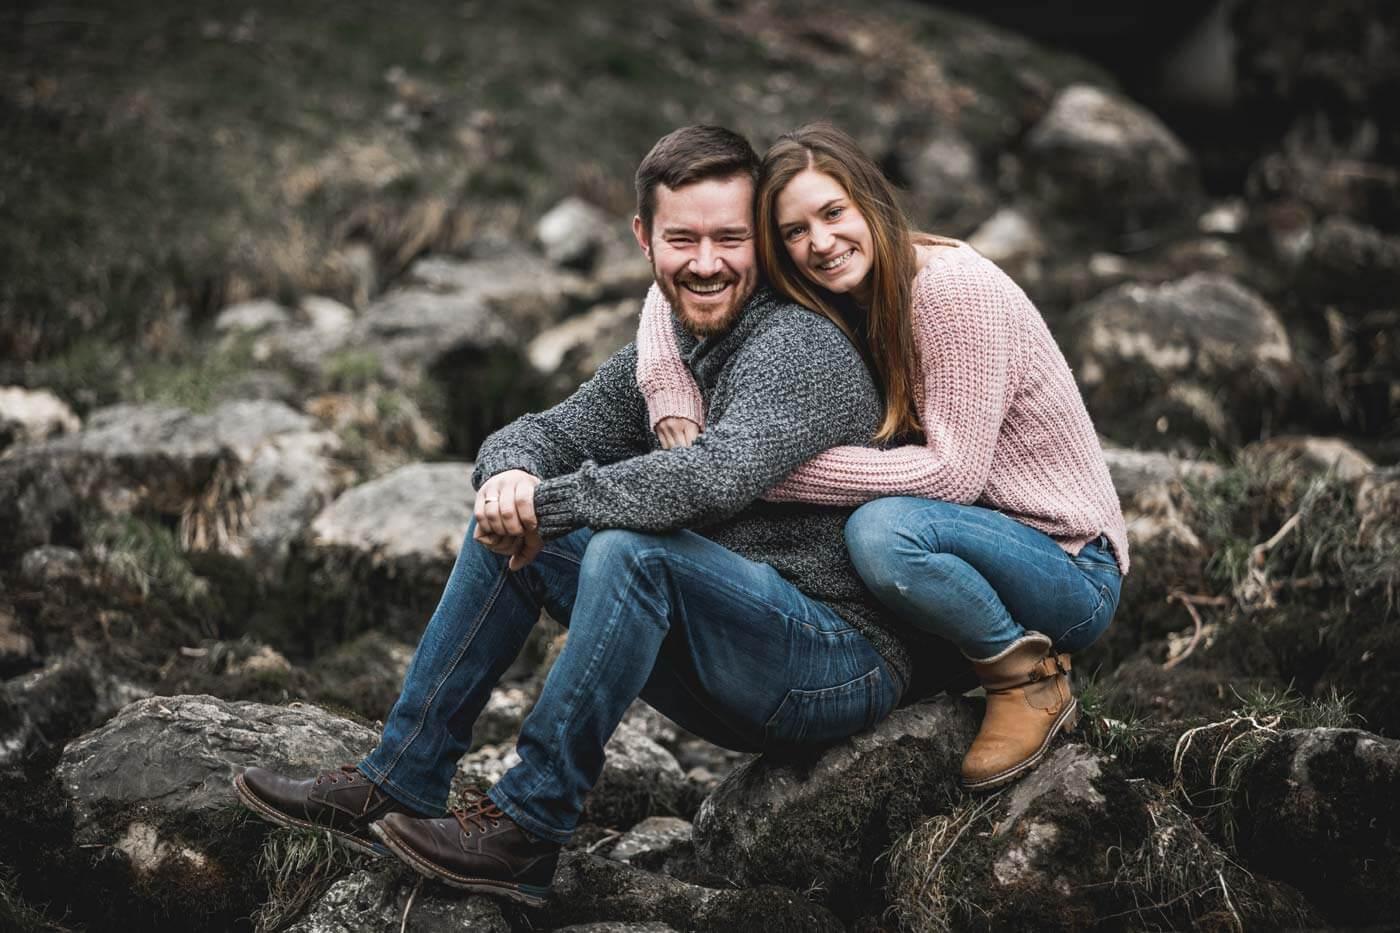 Bilder zur Verlobung